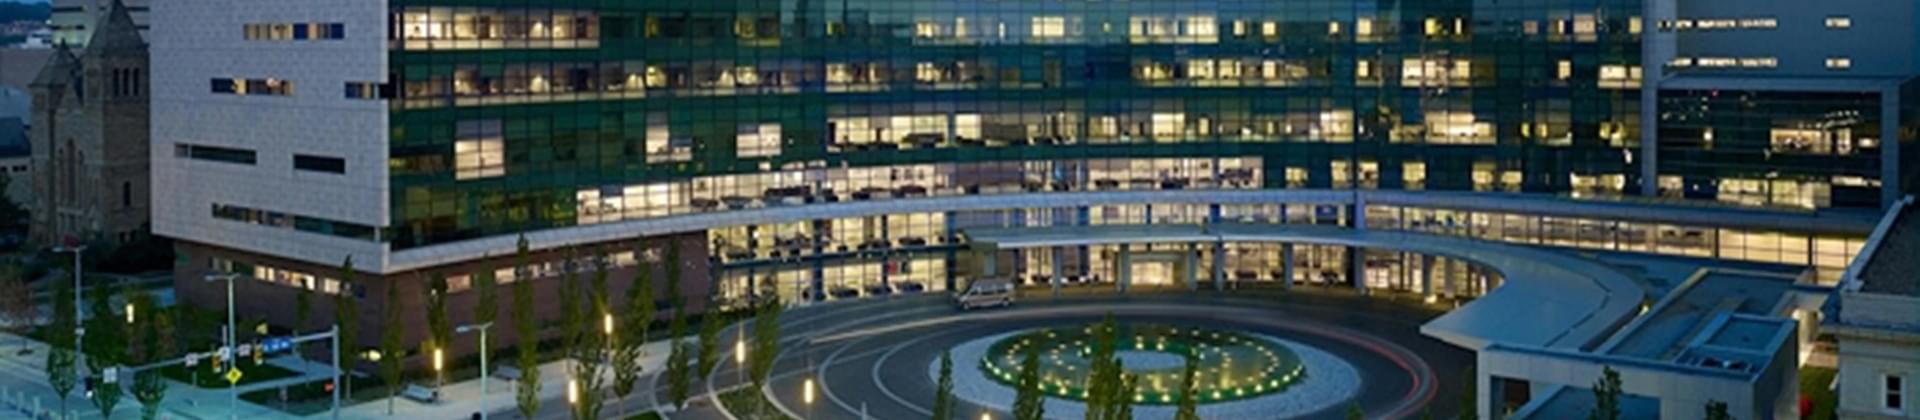 Parceria Hospital Care e Cleveland Clinic Corporativo